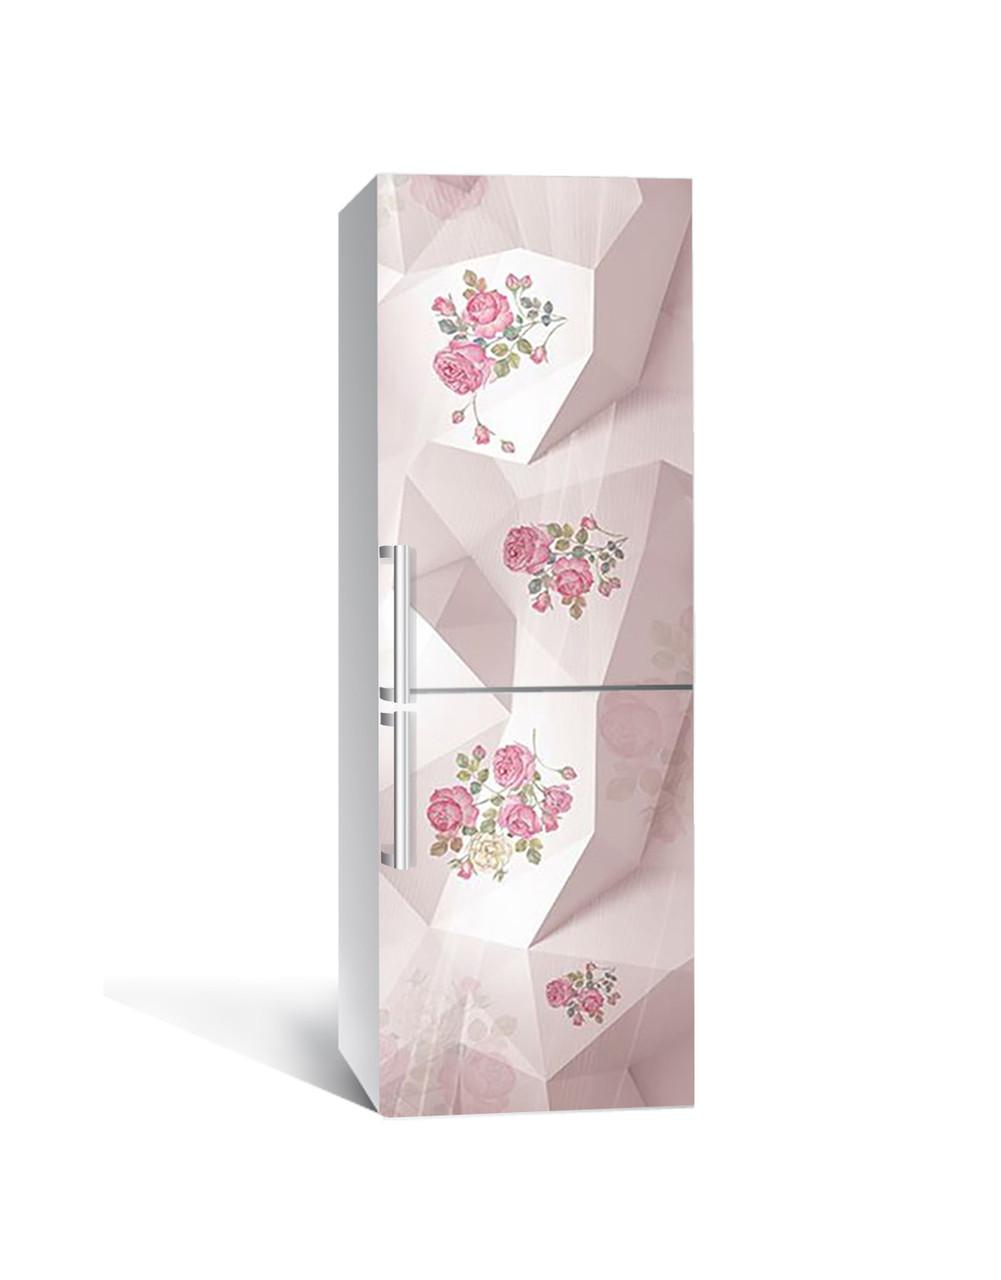 Виниловая наклейка на холодильник 3Д Розы Преломление (пленка ПВХ фотопечать) 65*200см Абстракция Розовый